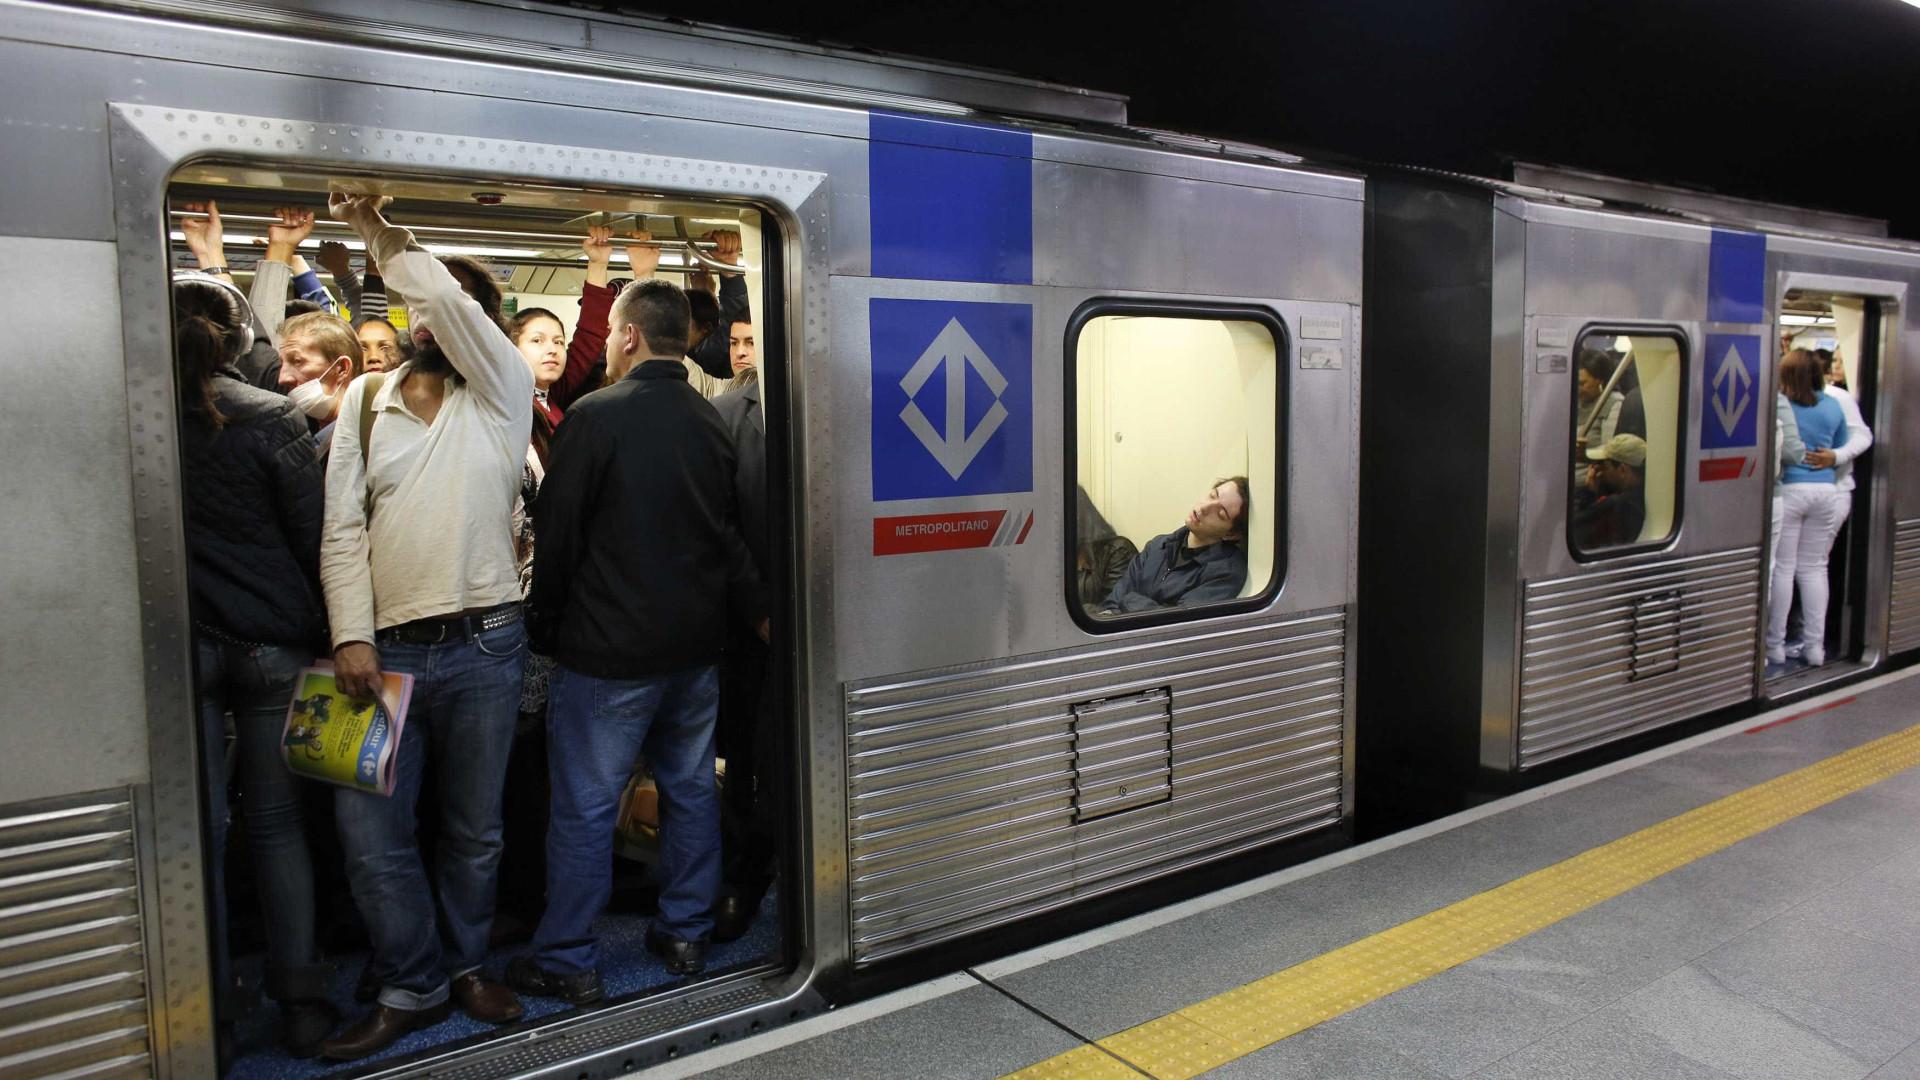 Campanha chama a atenção de usuários do metrô para educação